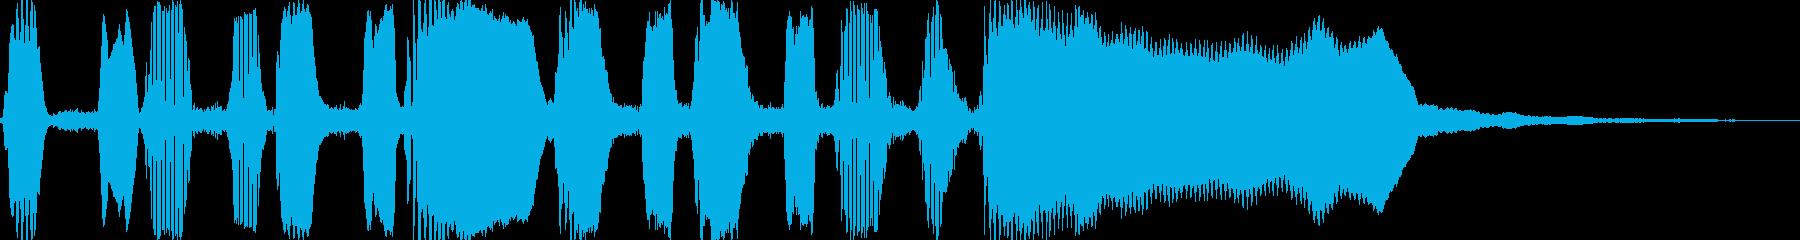 突撃ラッパ(生演奏)の再生済みの波形